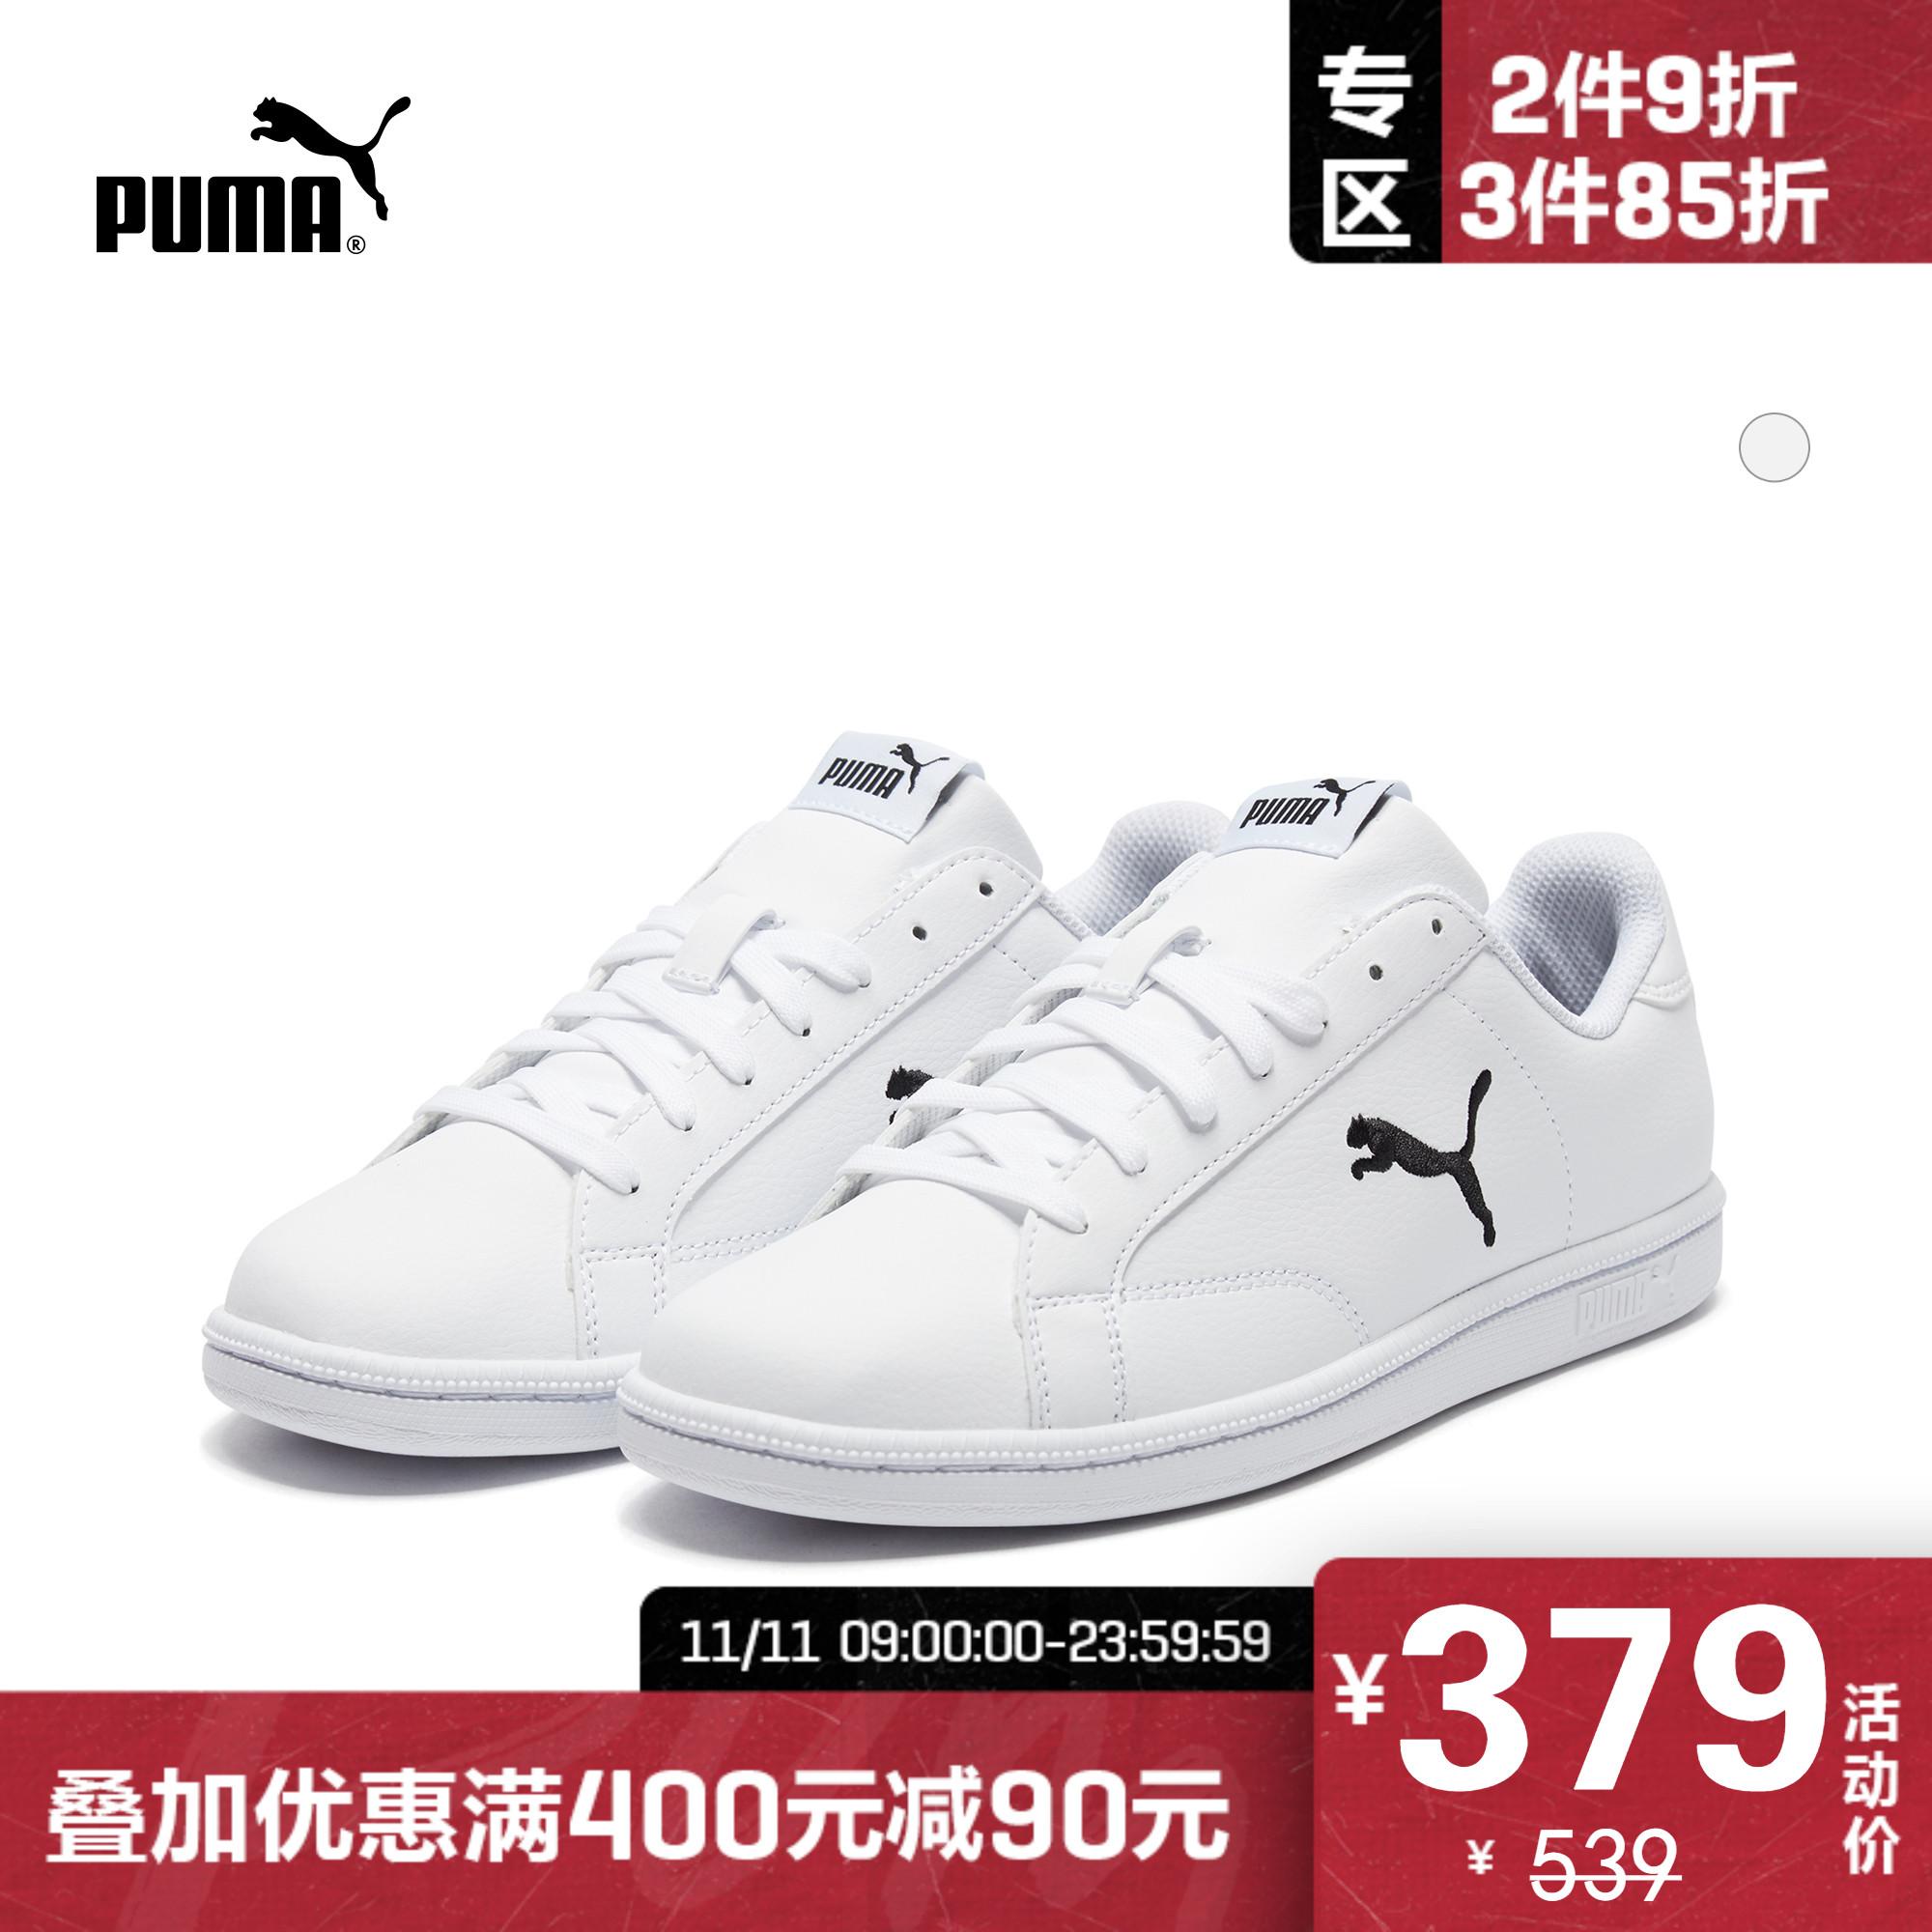 PUMA彪馬官方正品 男女同款刺繡滑板鞋休閑鞋Smash Cat L 362945